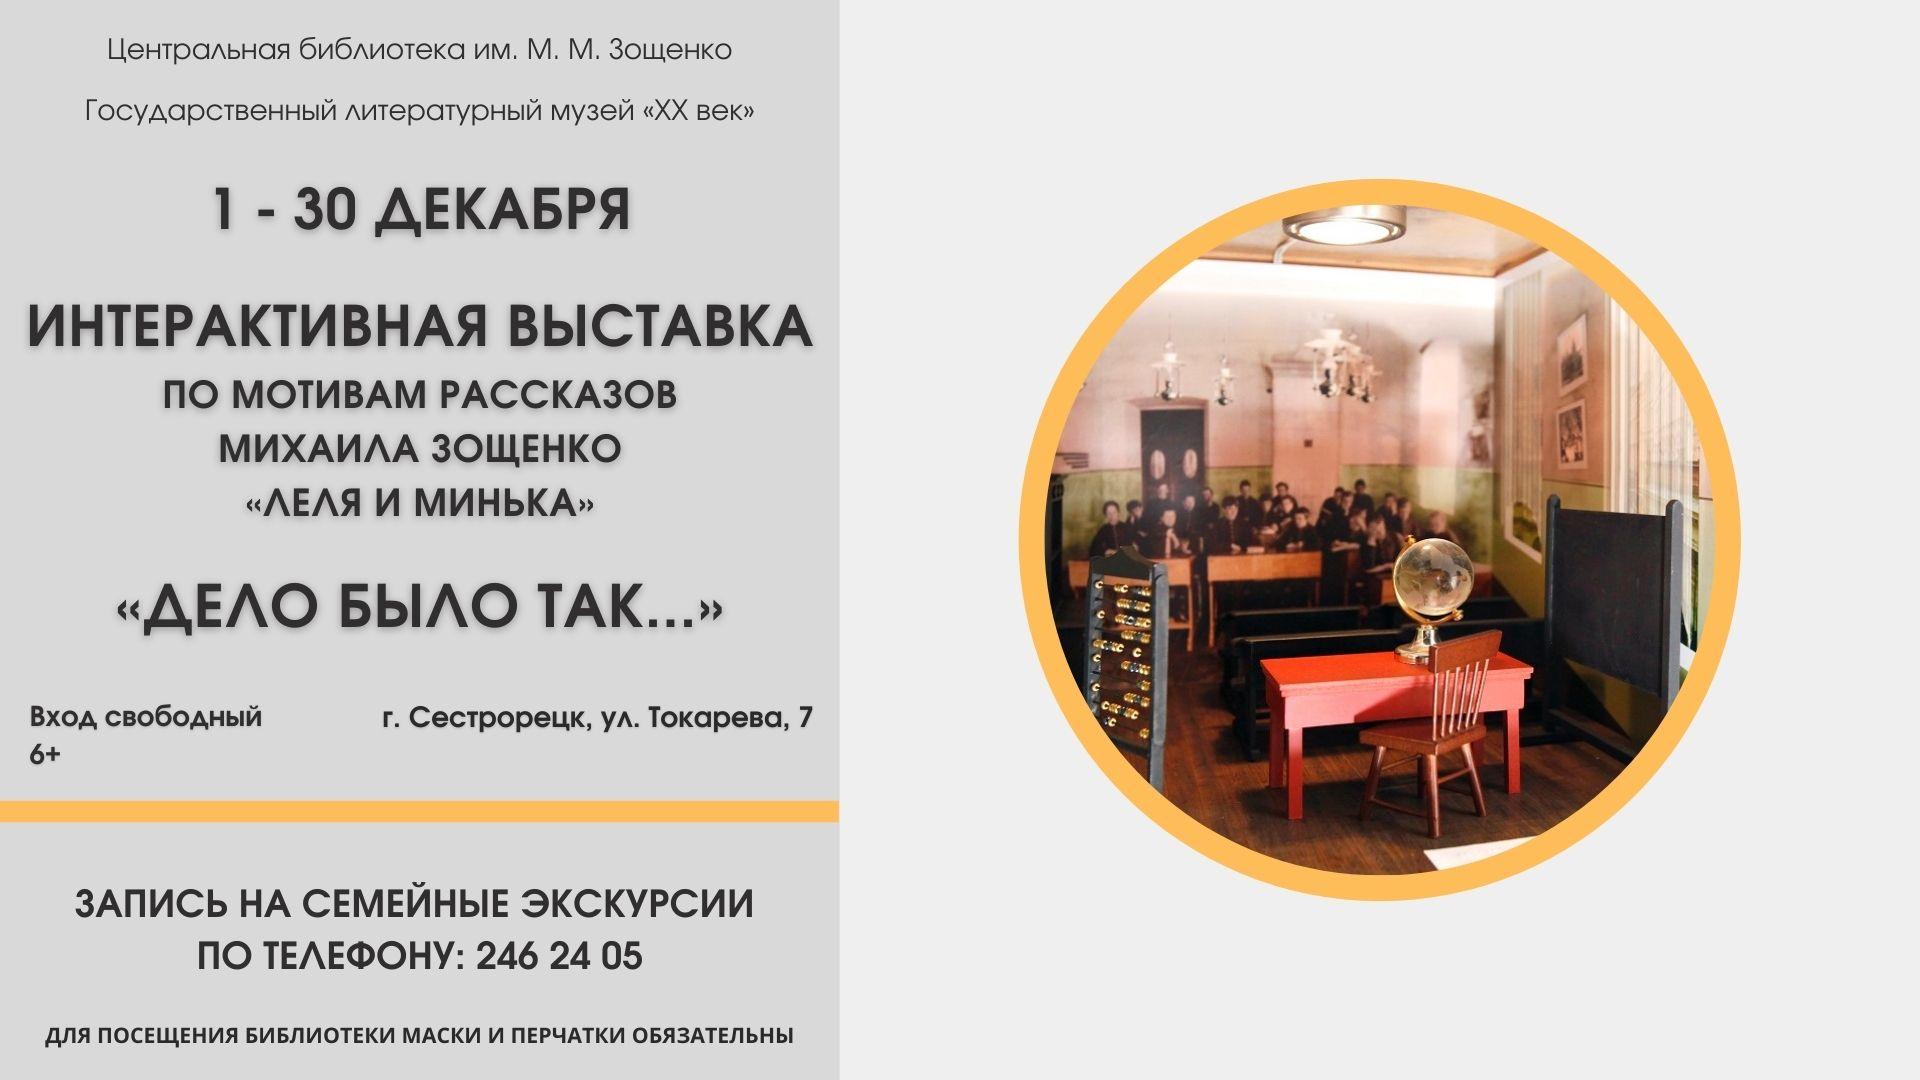 Экскурсии по выставке до 30 декабря (ВК)